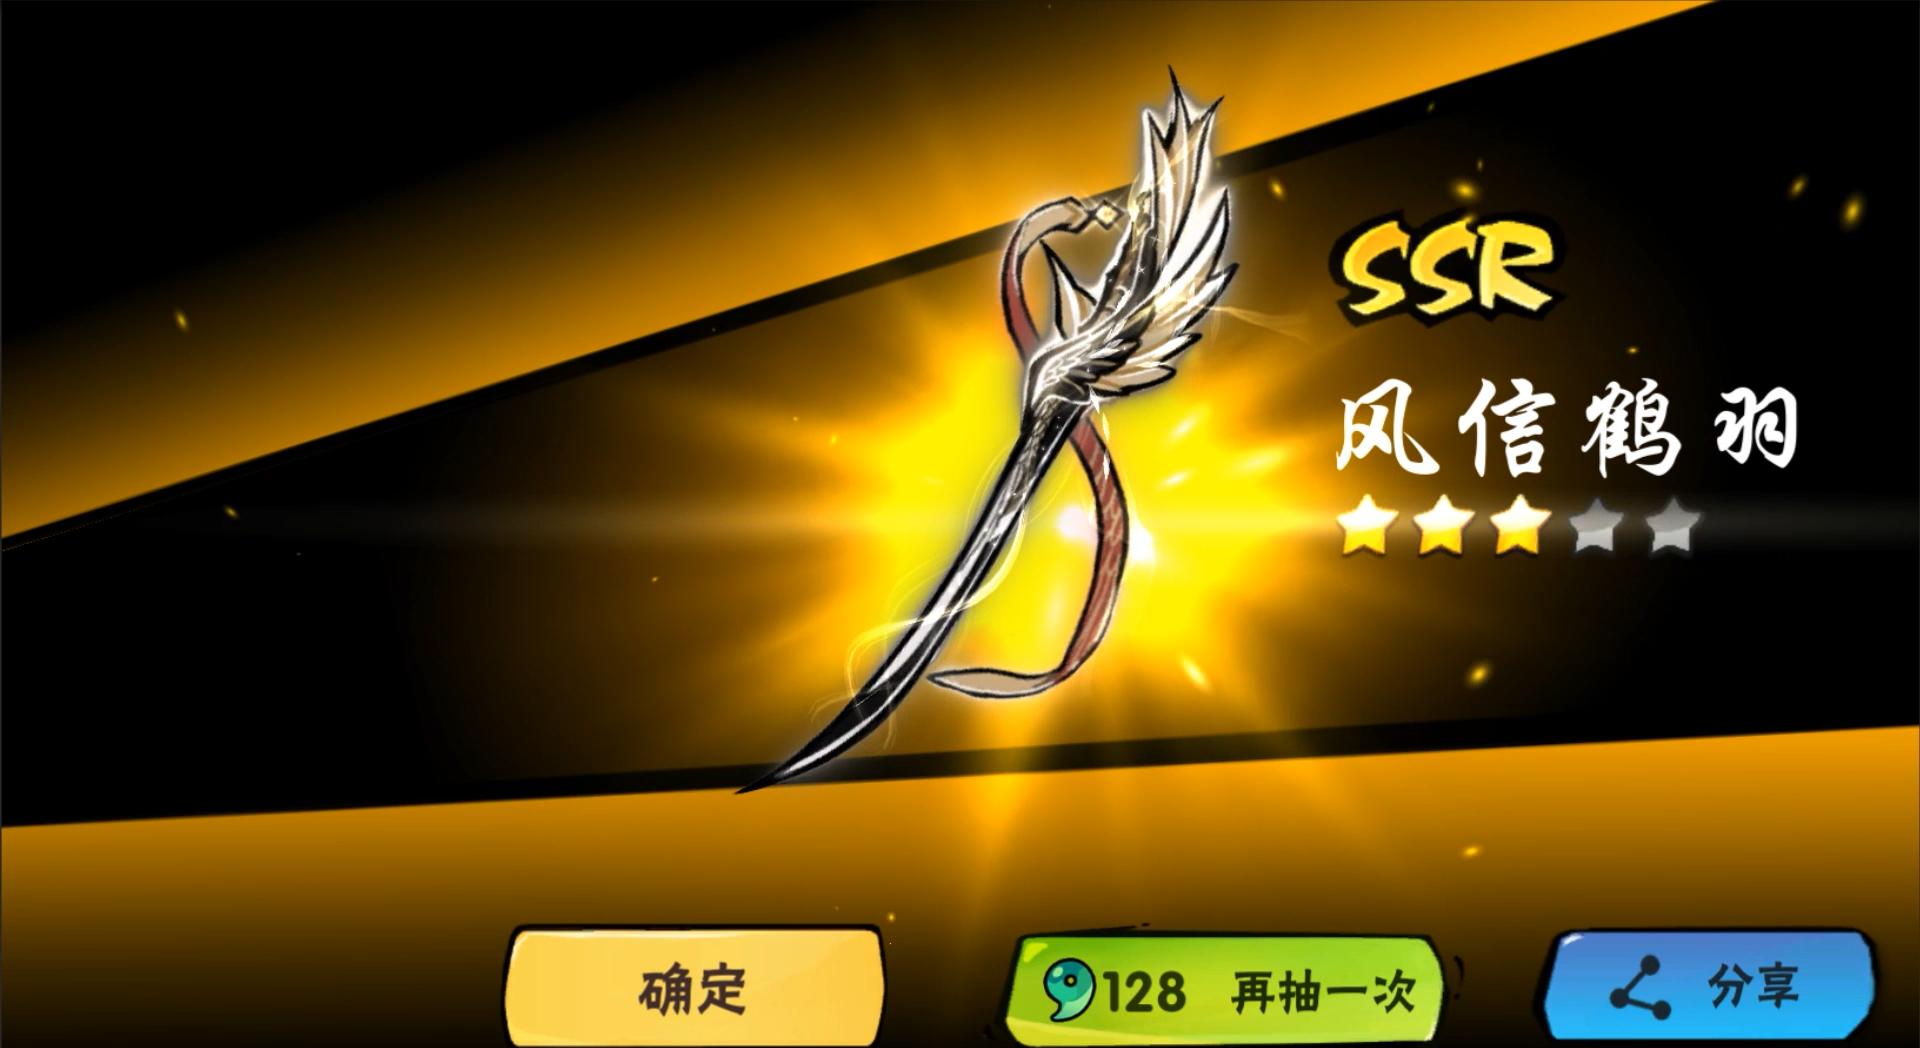 全新SSR武器——风信鹤羽